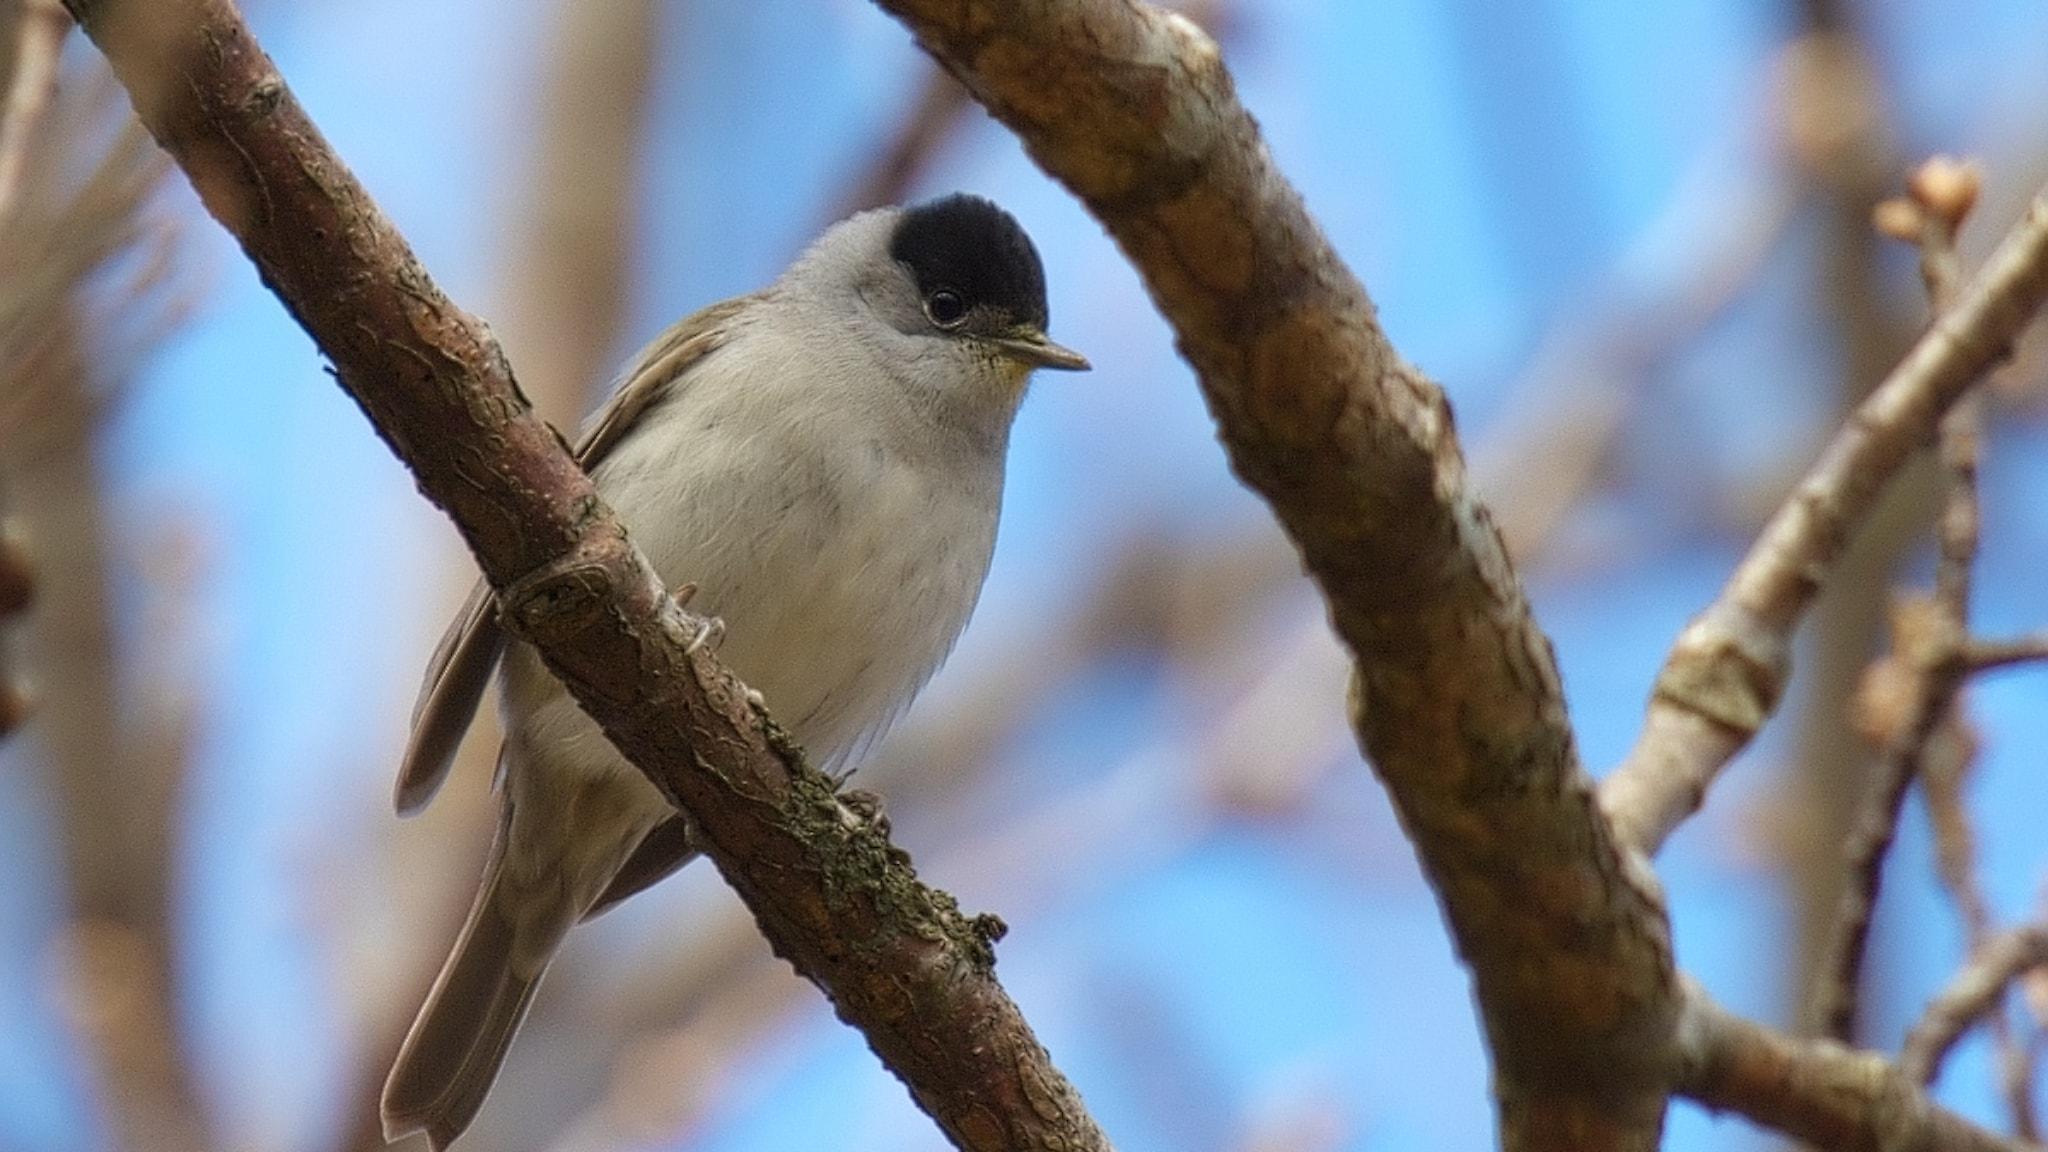 En grå fågel med kepslik svart hätta sitter på en gren